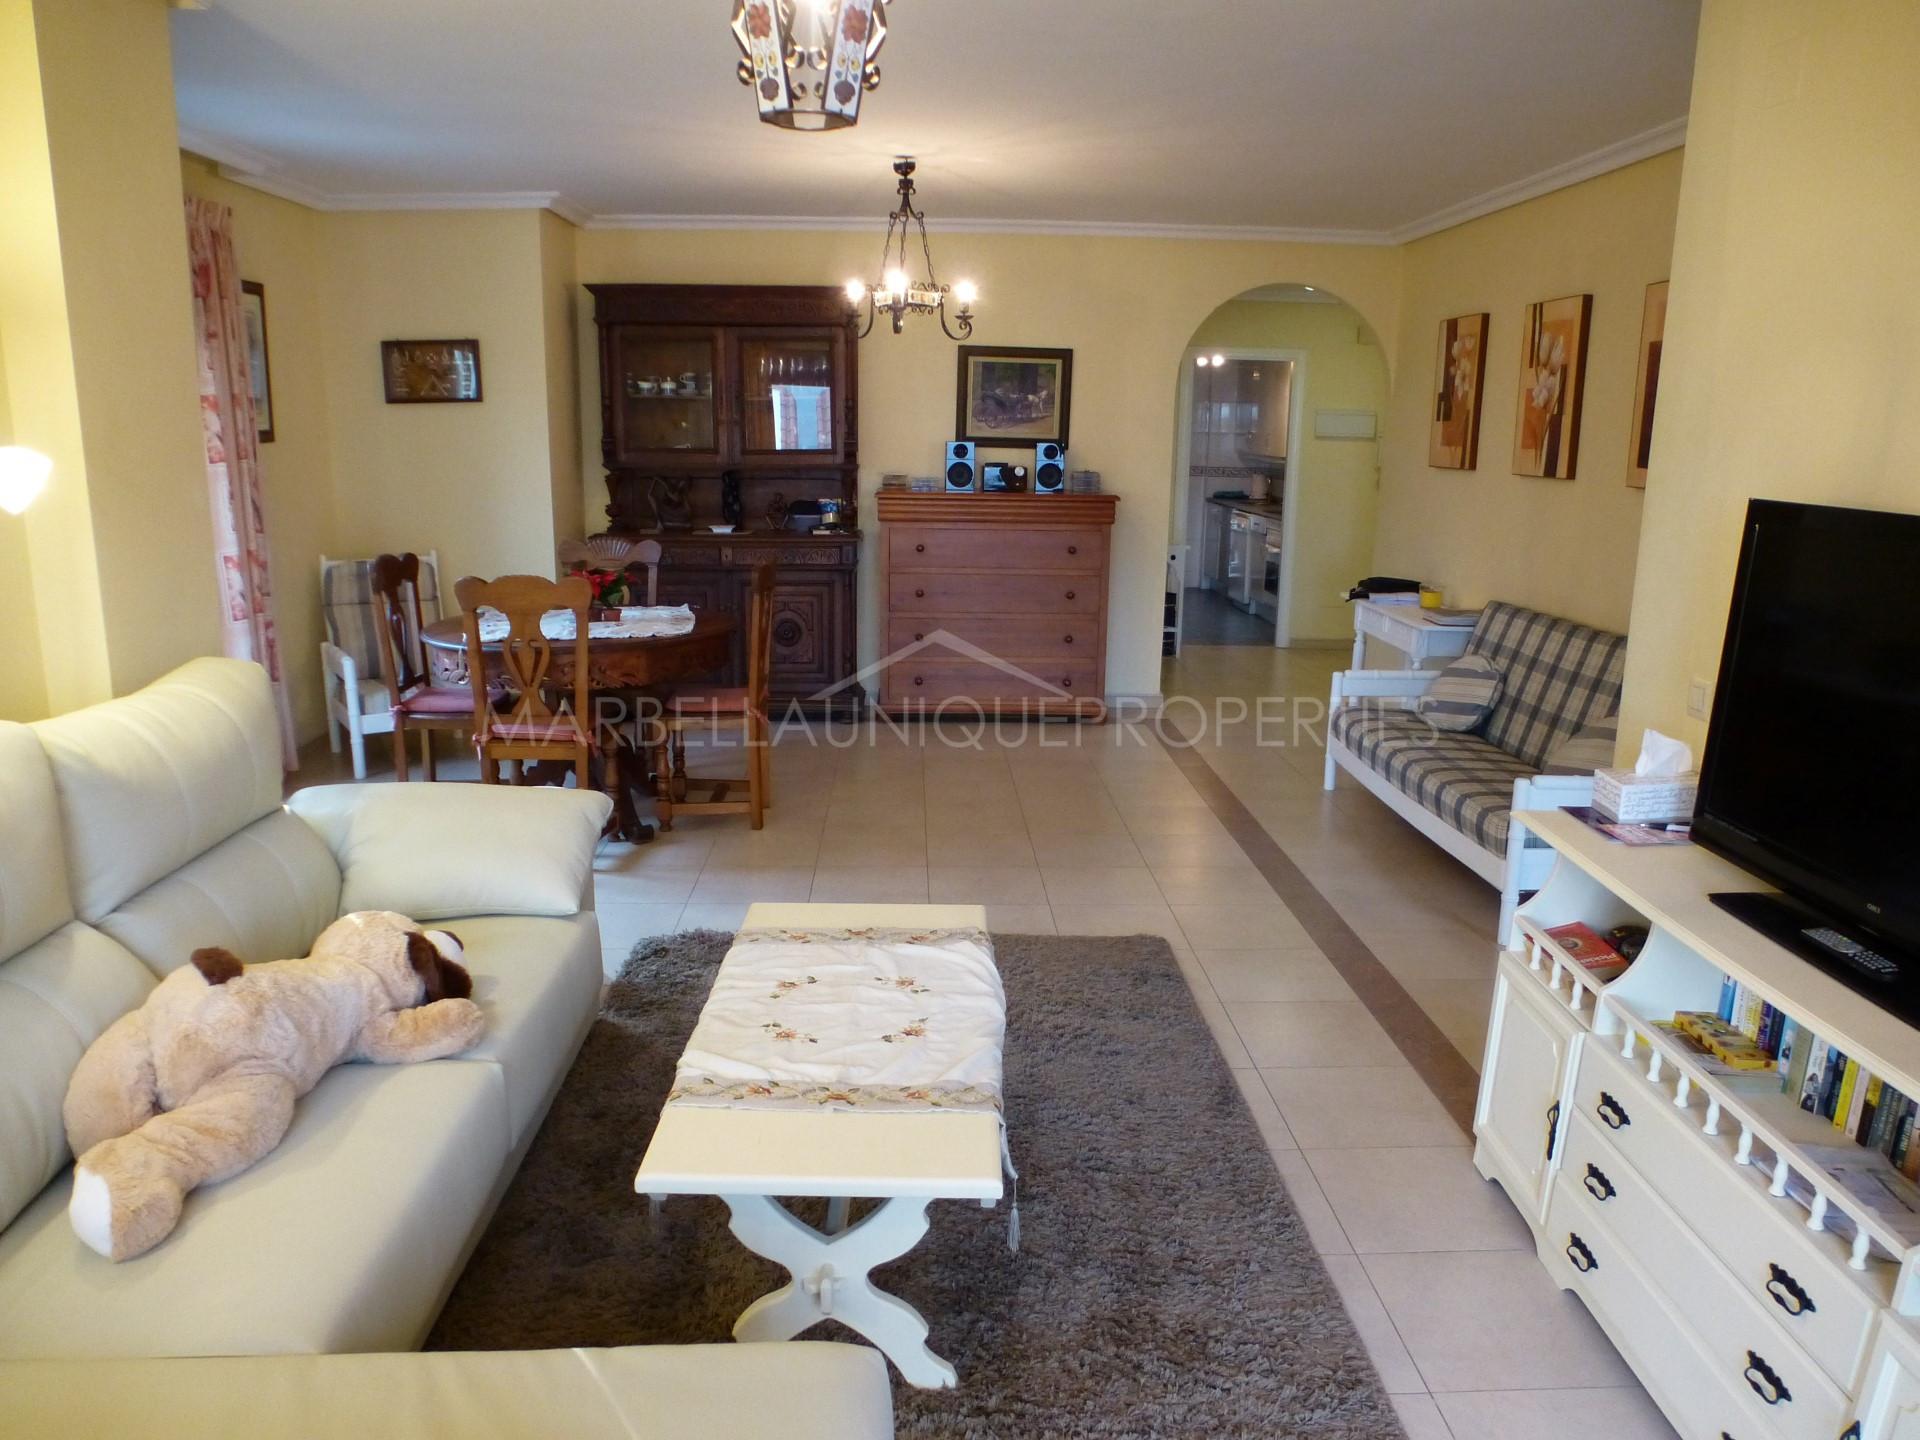 la apartments 2 bedroom.  Lovely 2 bedroom apartment in La Maestranza Nueva Andalucia